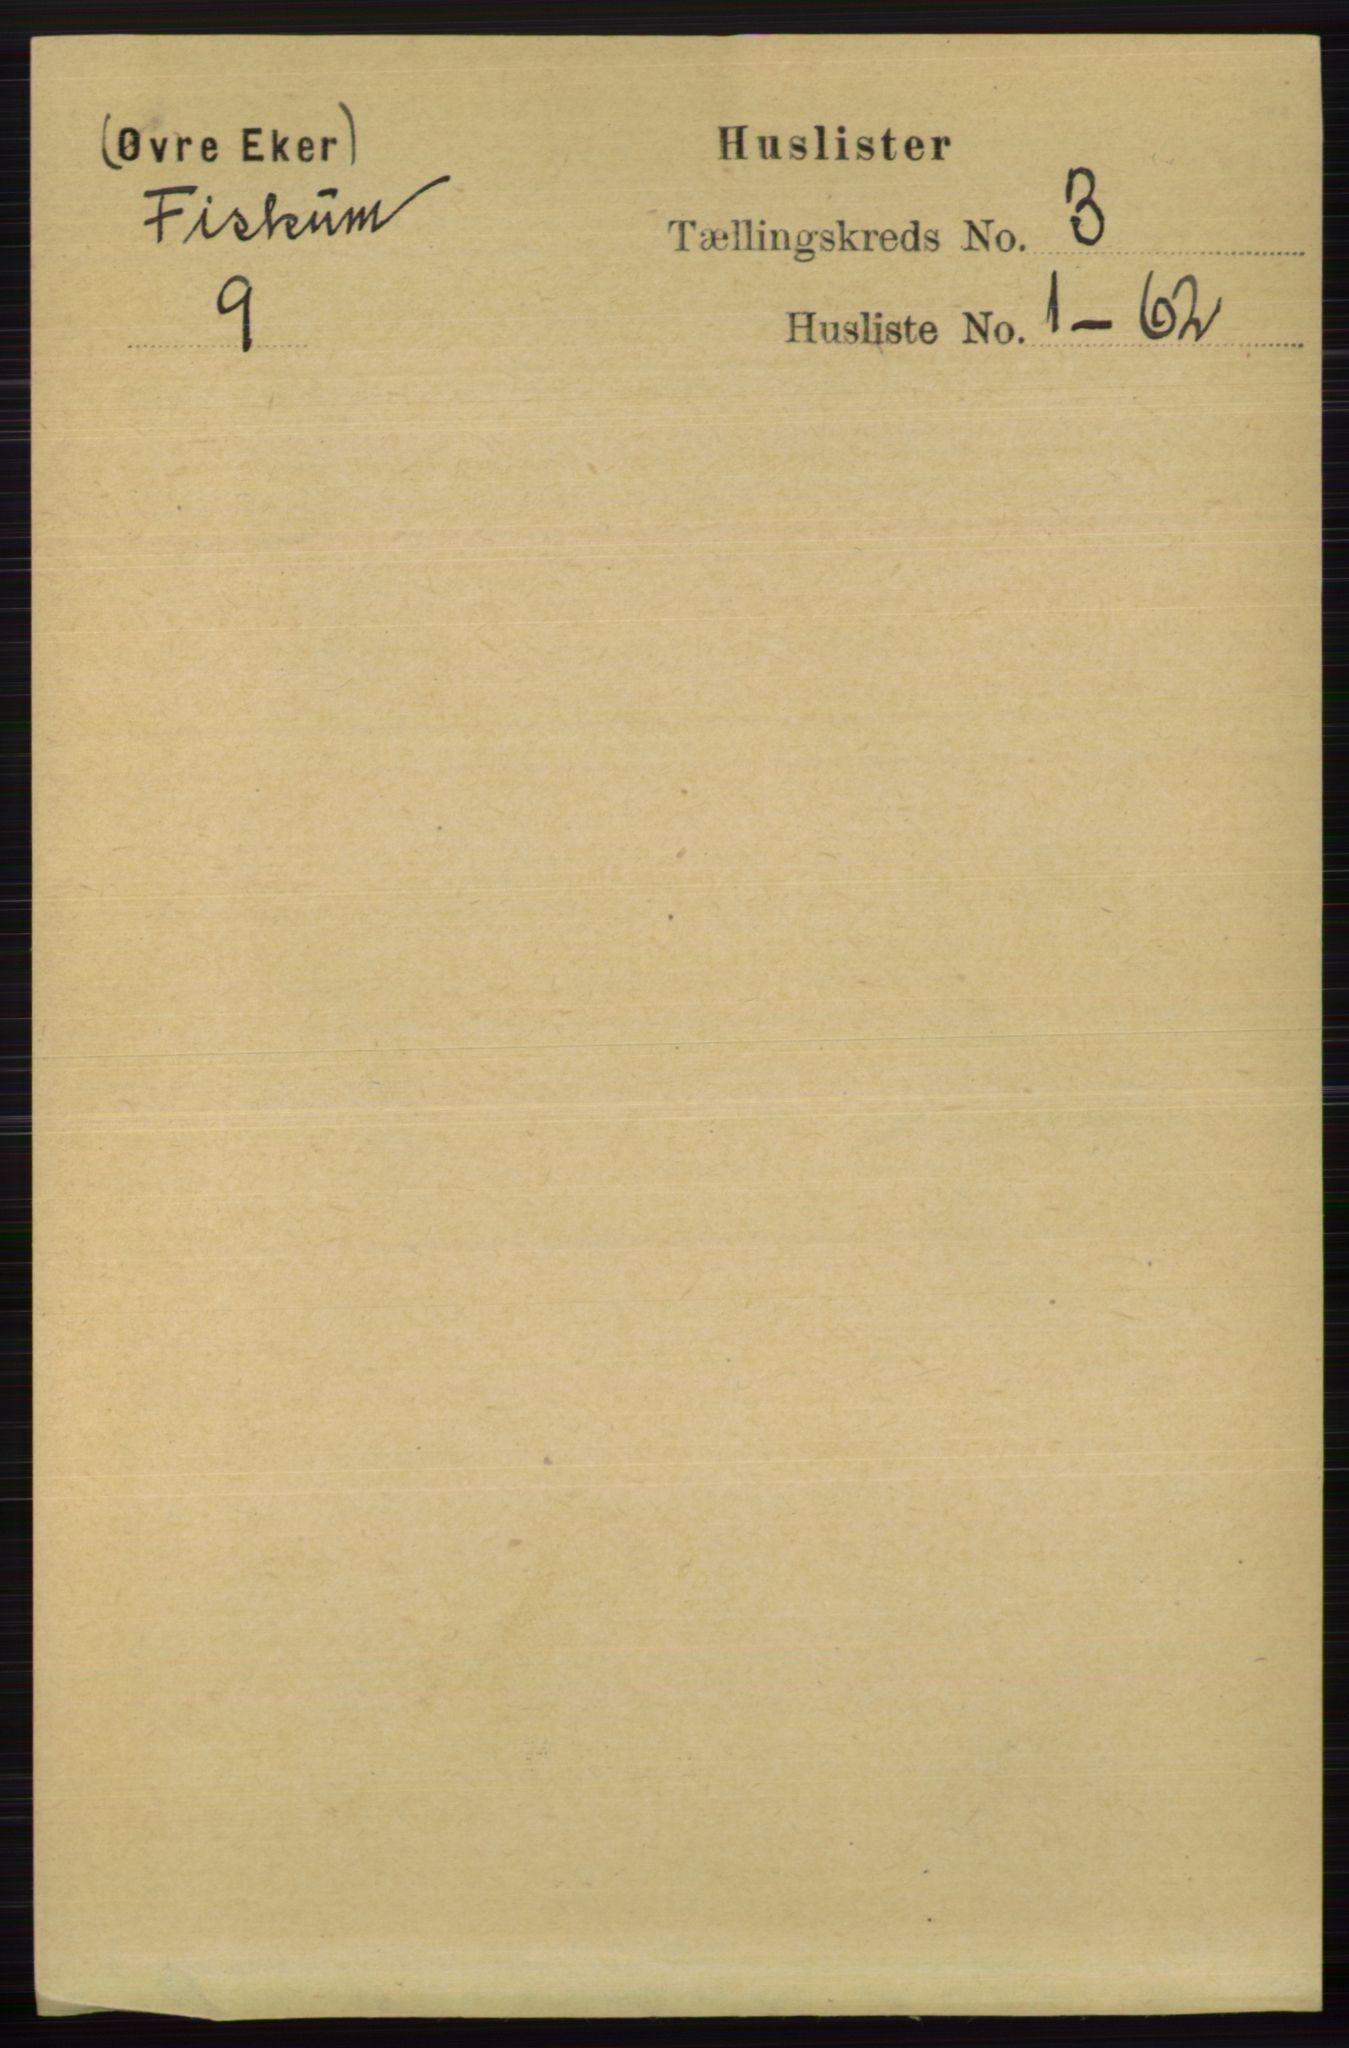 RA, Folketelling 1891 for 0624 Øvre Eiker herred, 1891, s. 9001